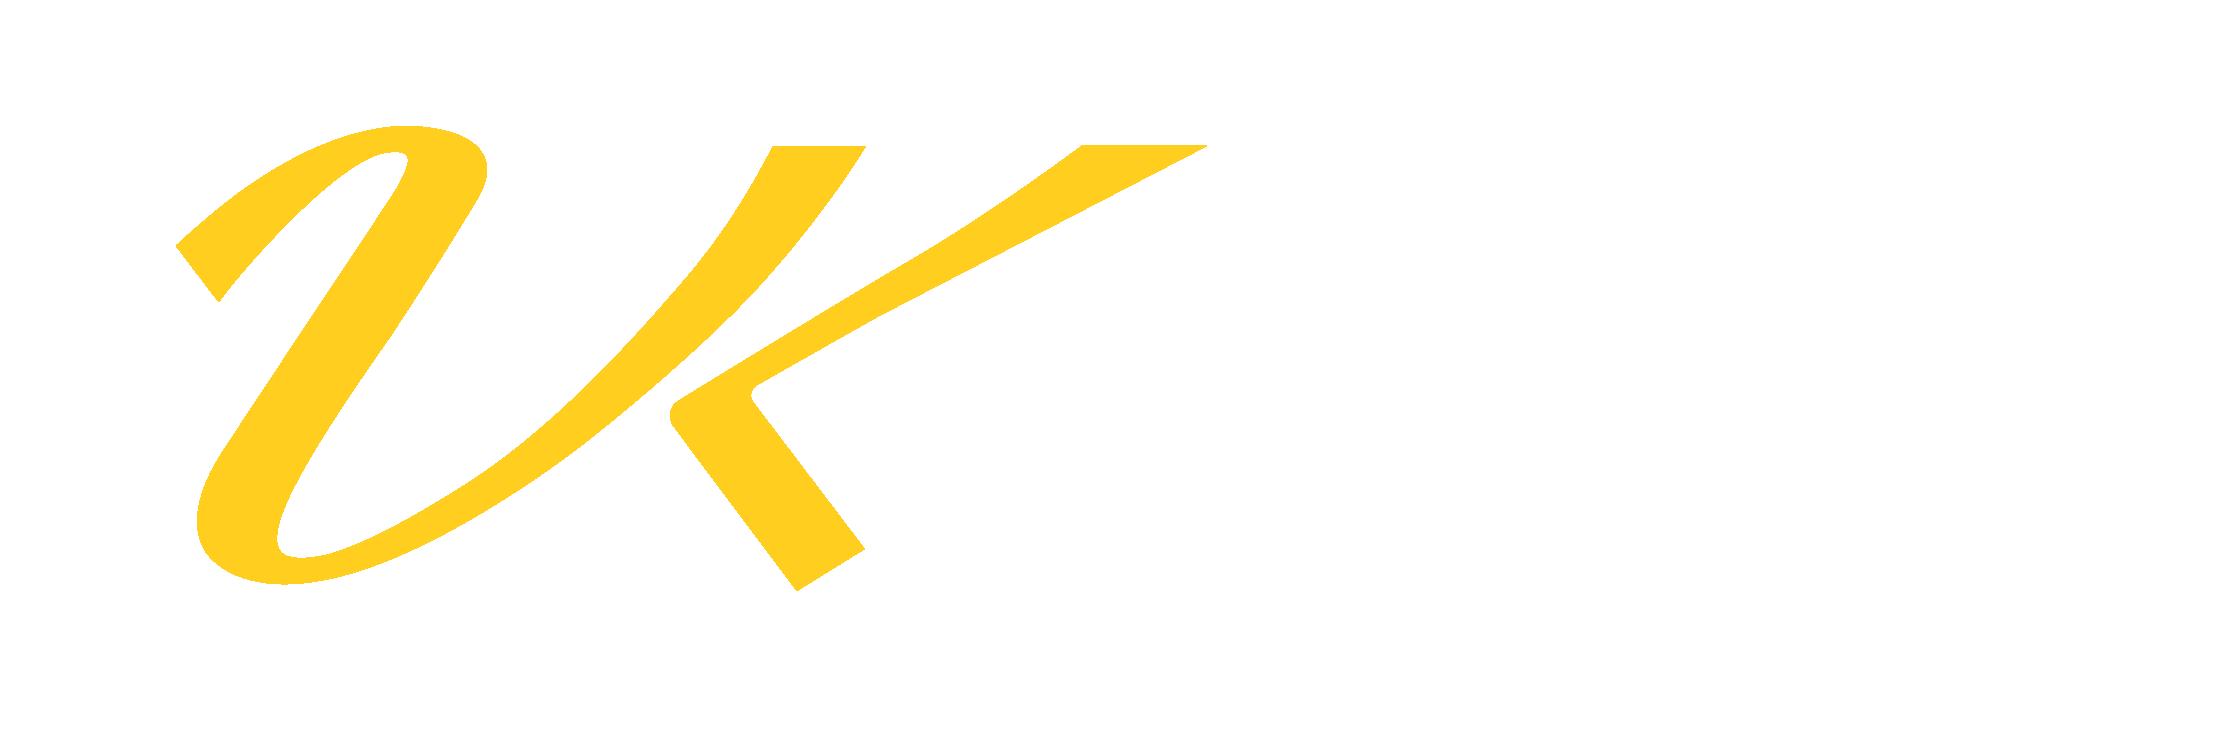 Vk Suomi